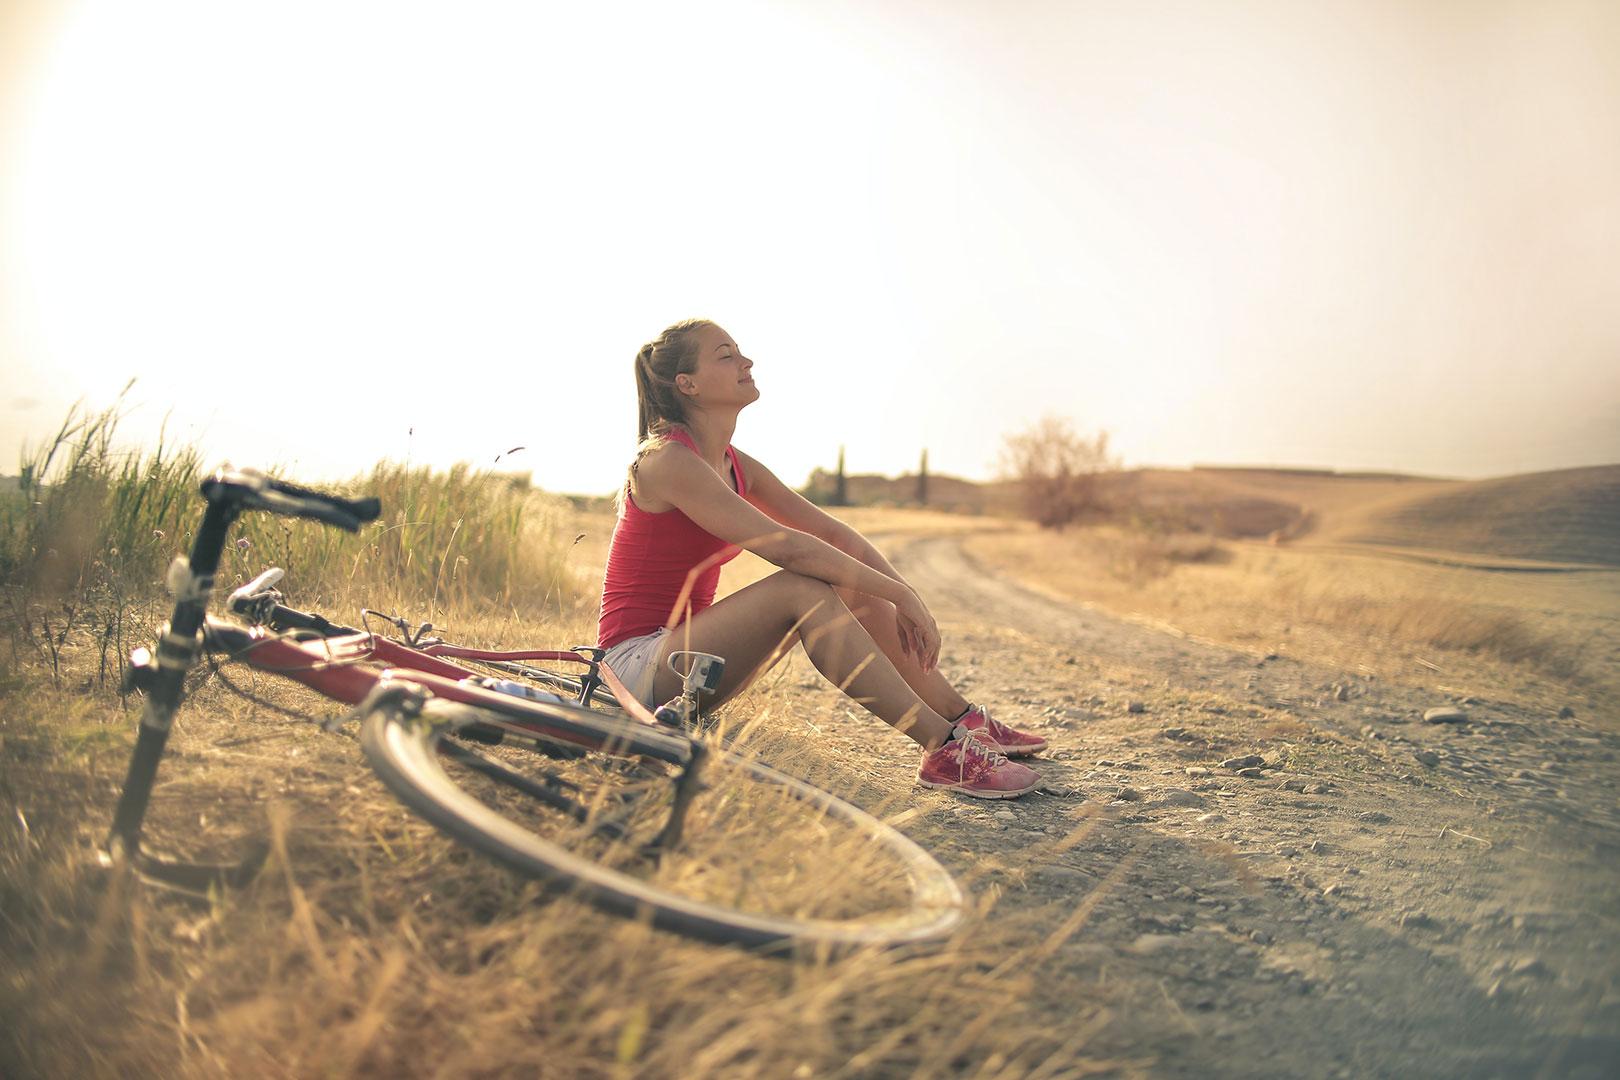 Une femme est à côté de son vélo, elle fait une balade en nature